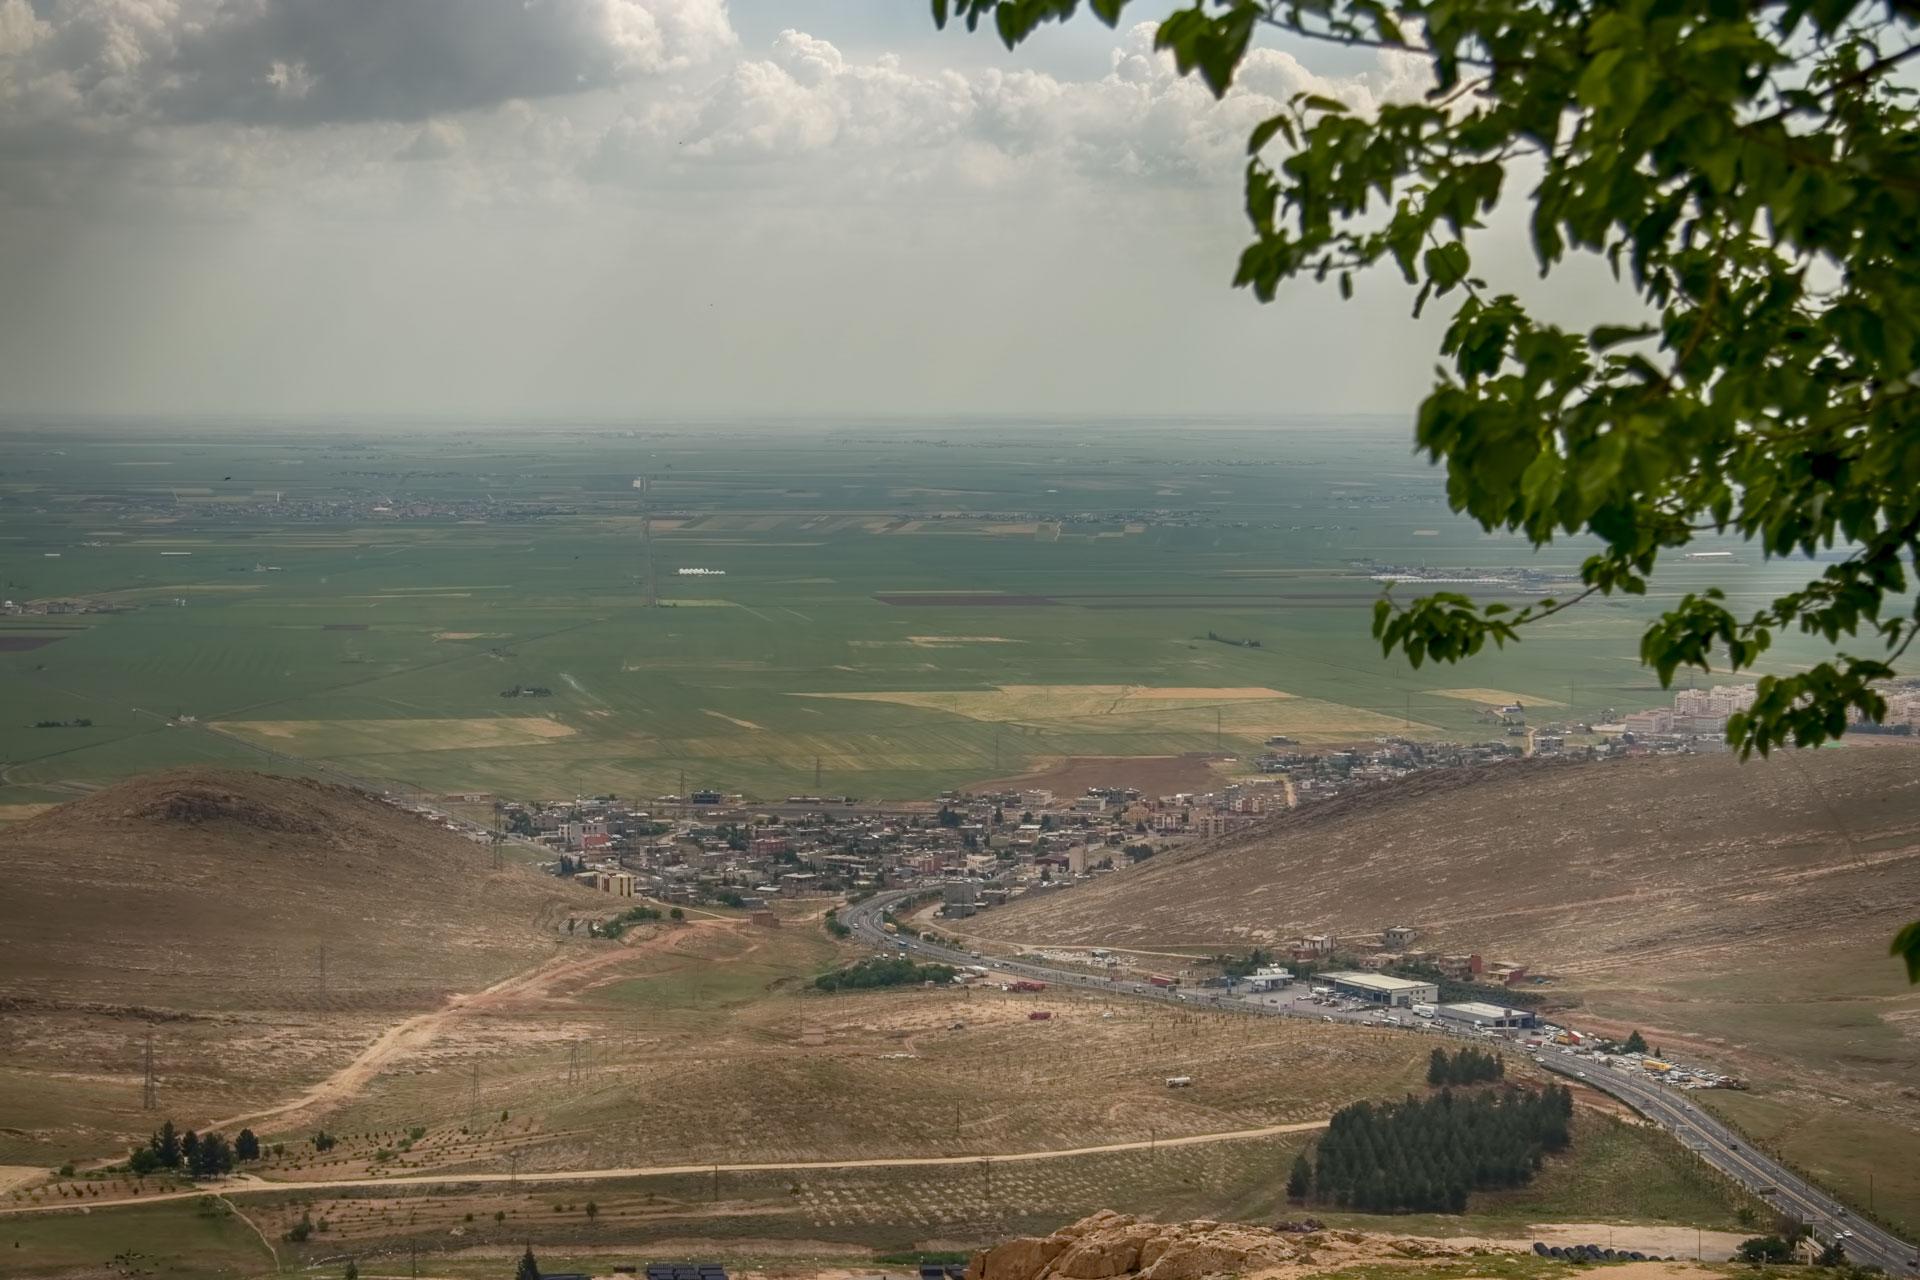 Deyrulzafaran Manastırı Fotoğrafları Mardin Türkiye Gezgin Fotoğrafçı Çekergezer Hakan Aydın www.cekergezer.com www.hakanaydın.com.tr